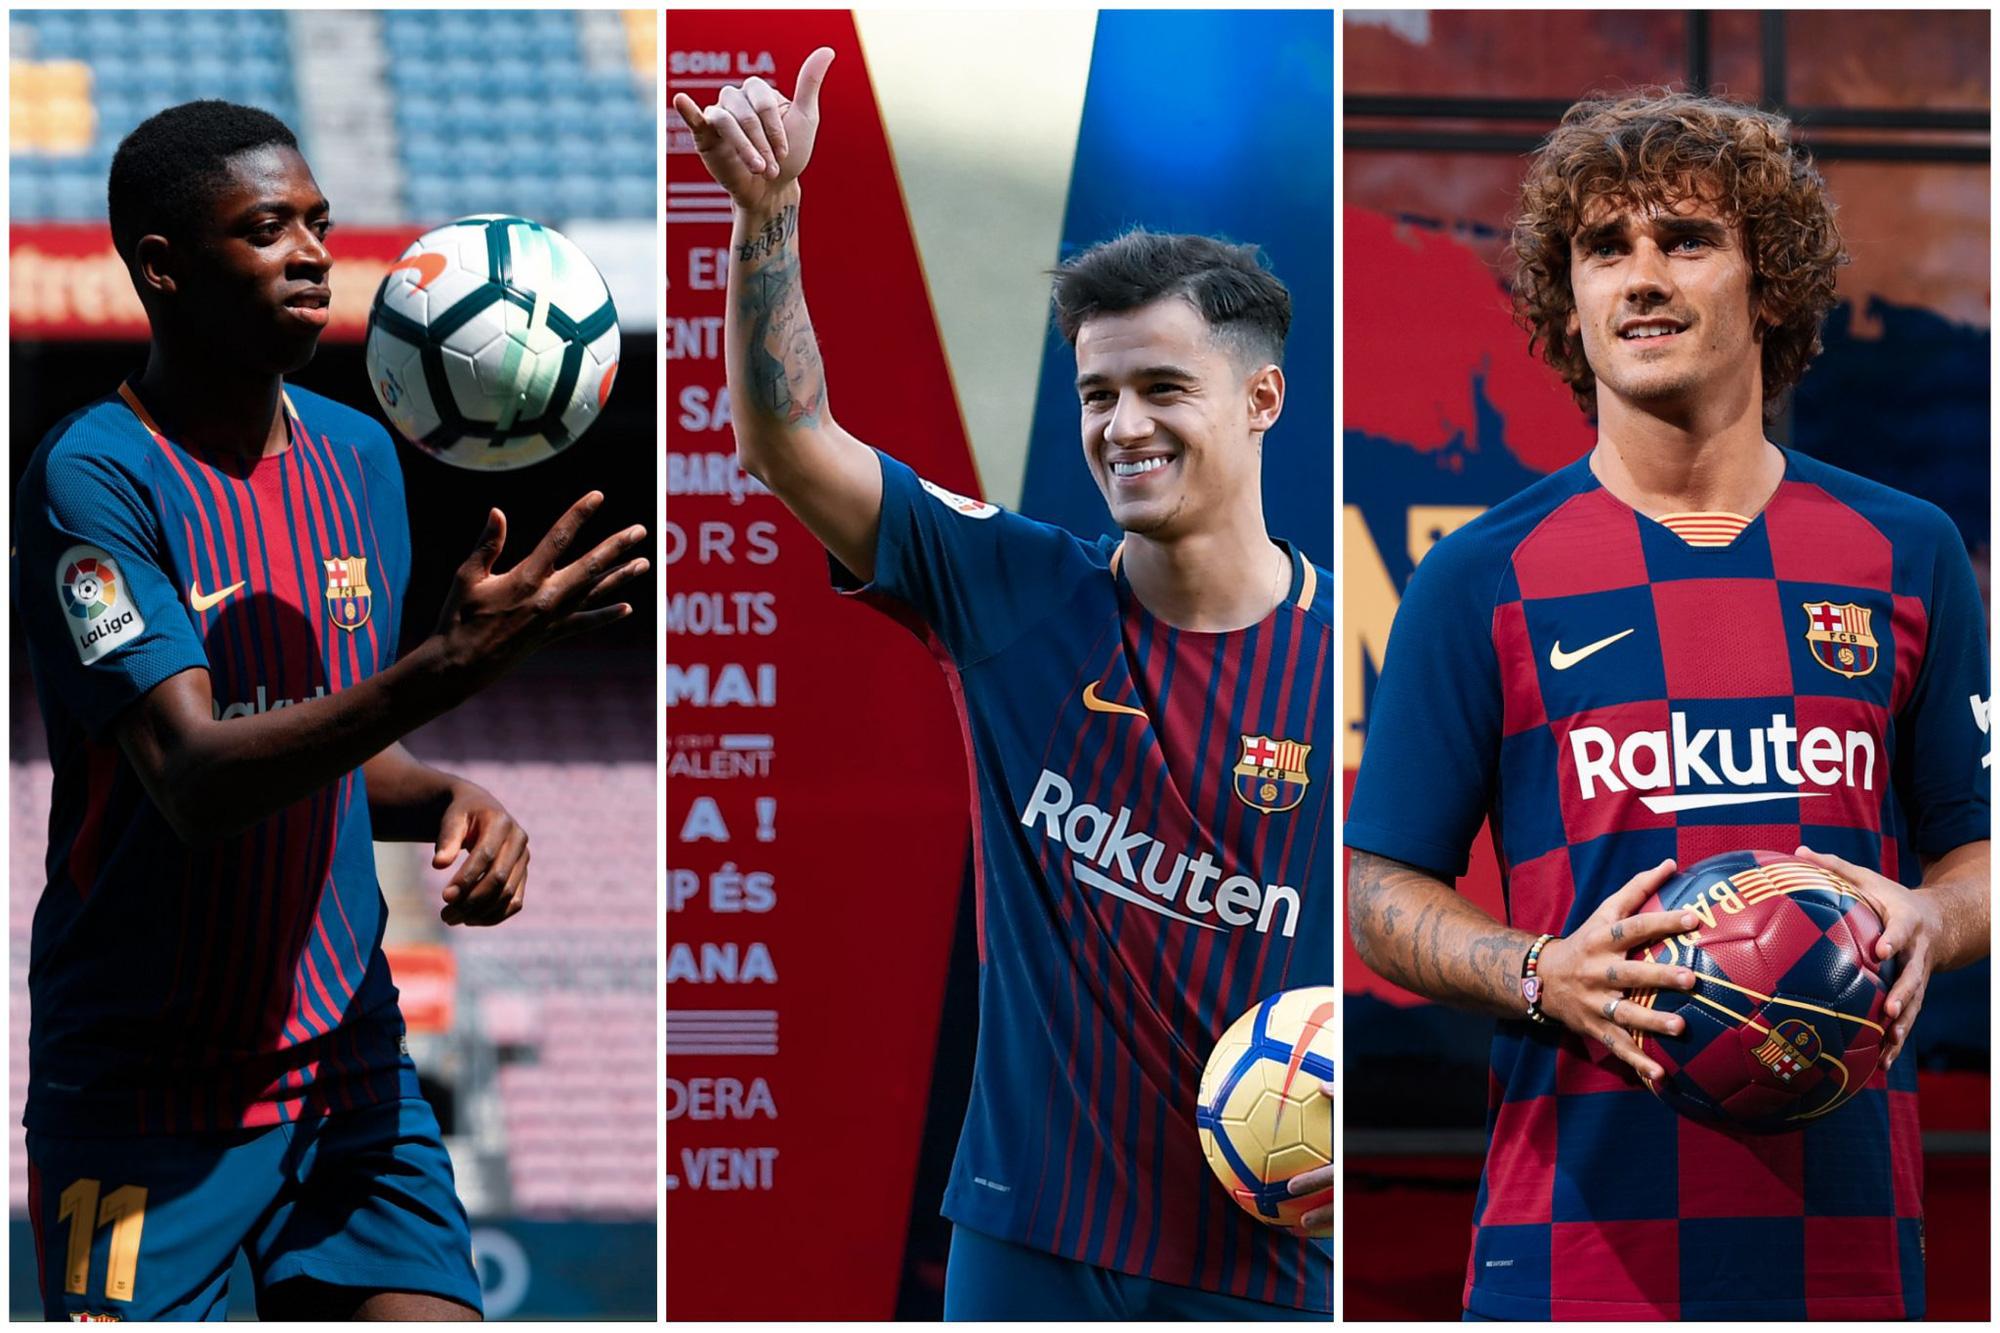 Cựu cố vấn Barca chỉ ra 4 nhân vật khiến Messi ra đi - Ảnh 2.